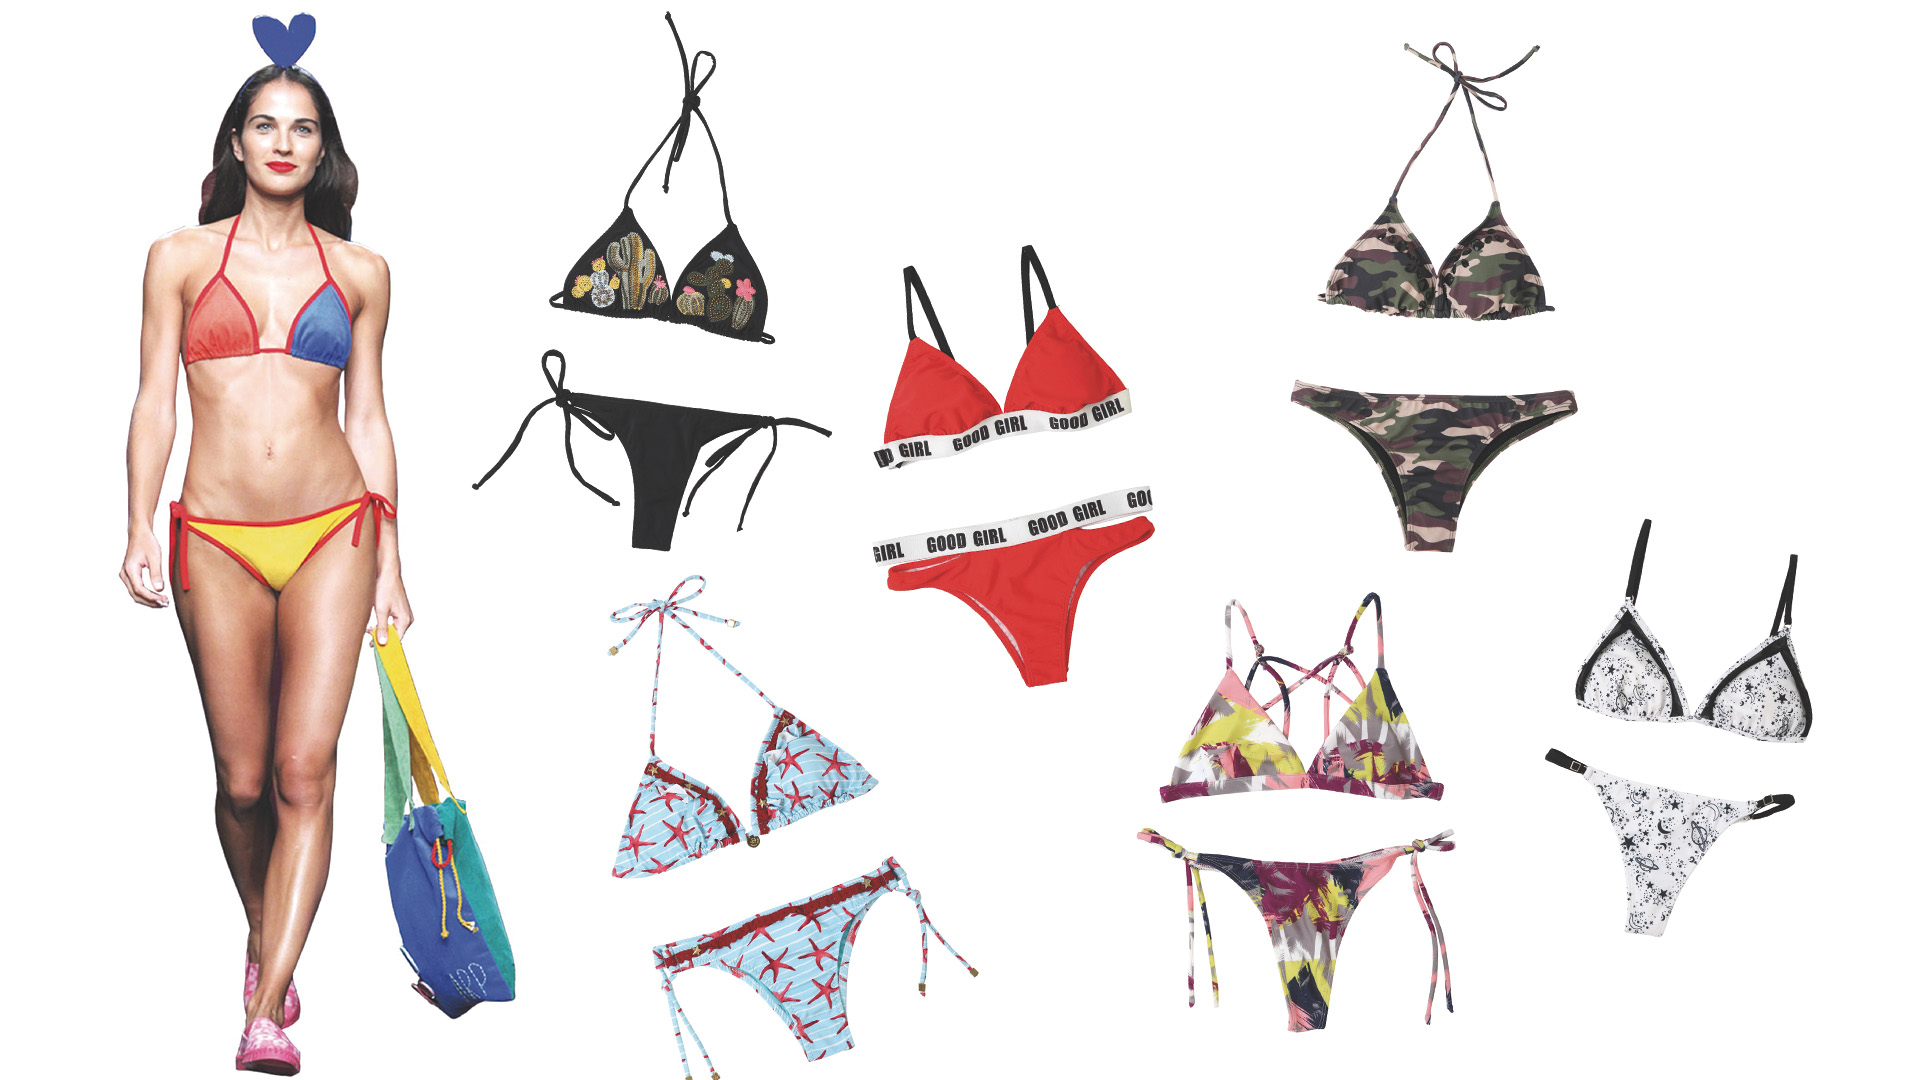 5a07cb59f49b Bikinis triangulito un clásico infaltable para el verano - Infobae